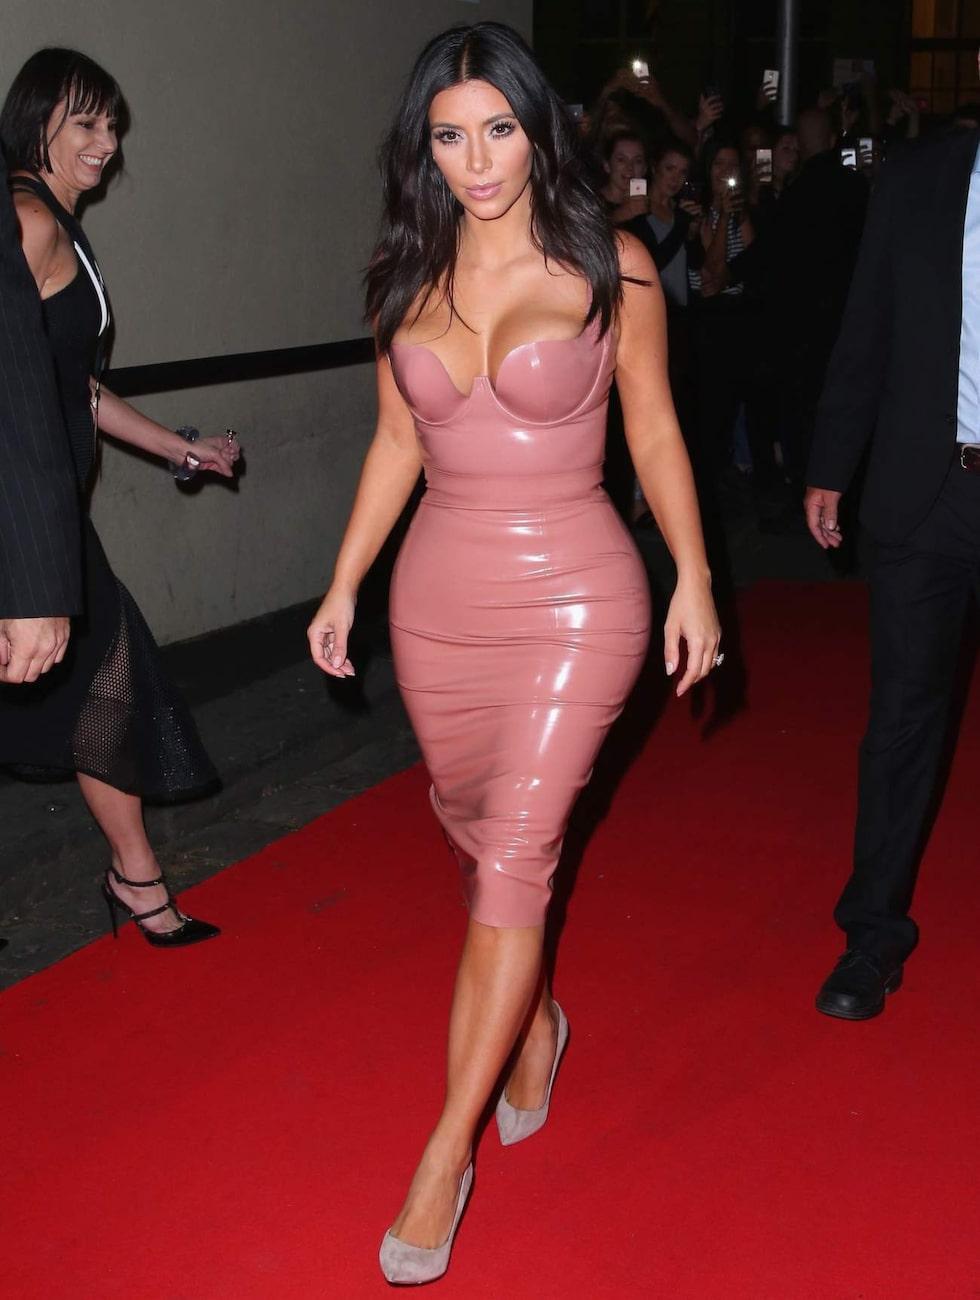 Världens mest kända bakdel. Kim Kardashian har tagit över tronen efter Jennifer Lopez och har i flera intervjuer sagt att hon är stolt över sin rumpa.